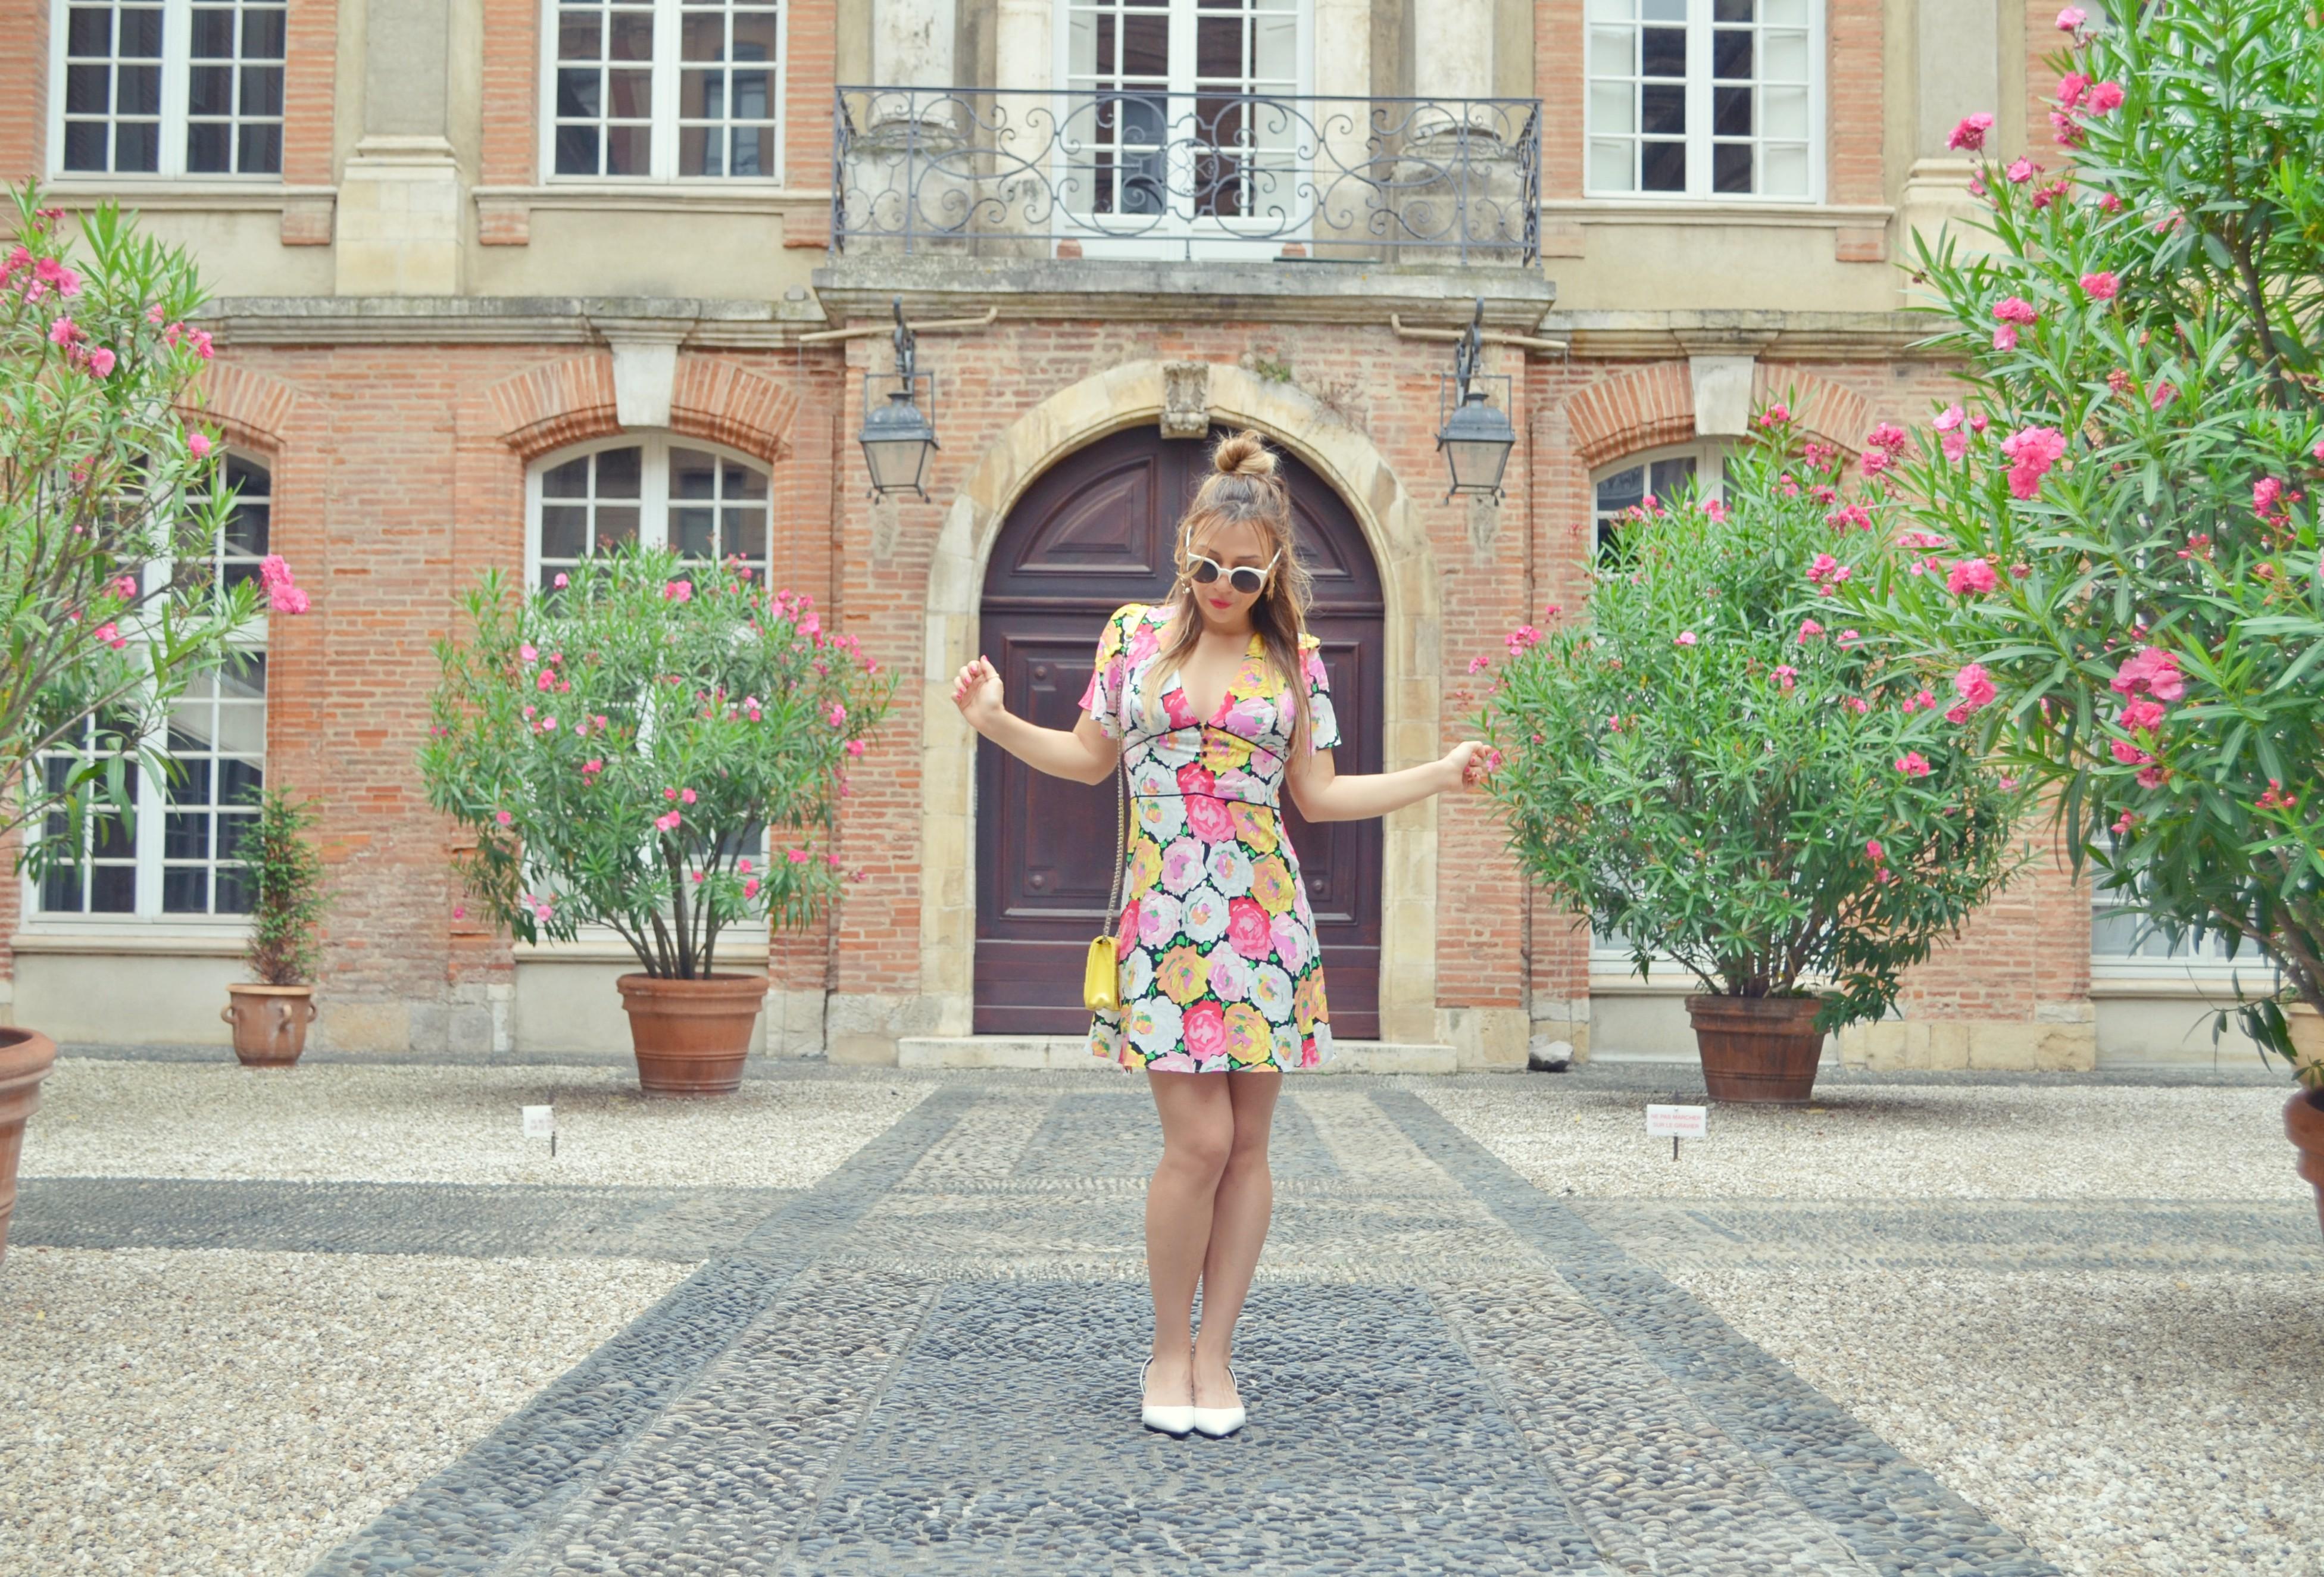 Influencer-blog-de-moda-ChicAdicta-fashionista-Chic-Adicta-look-zara-vestido-de-flores-fashion-travel-PiensaenChic-Piensa-en-Chic